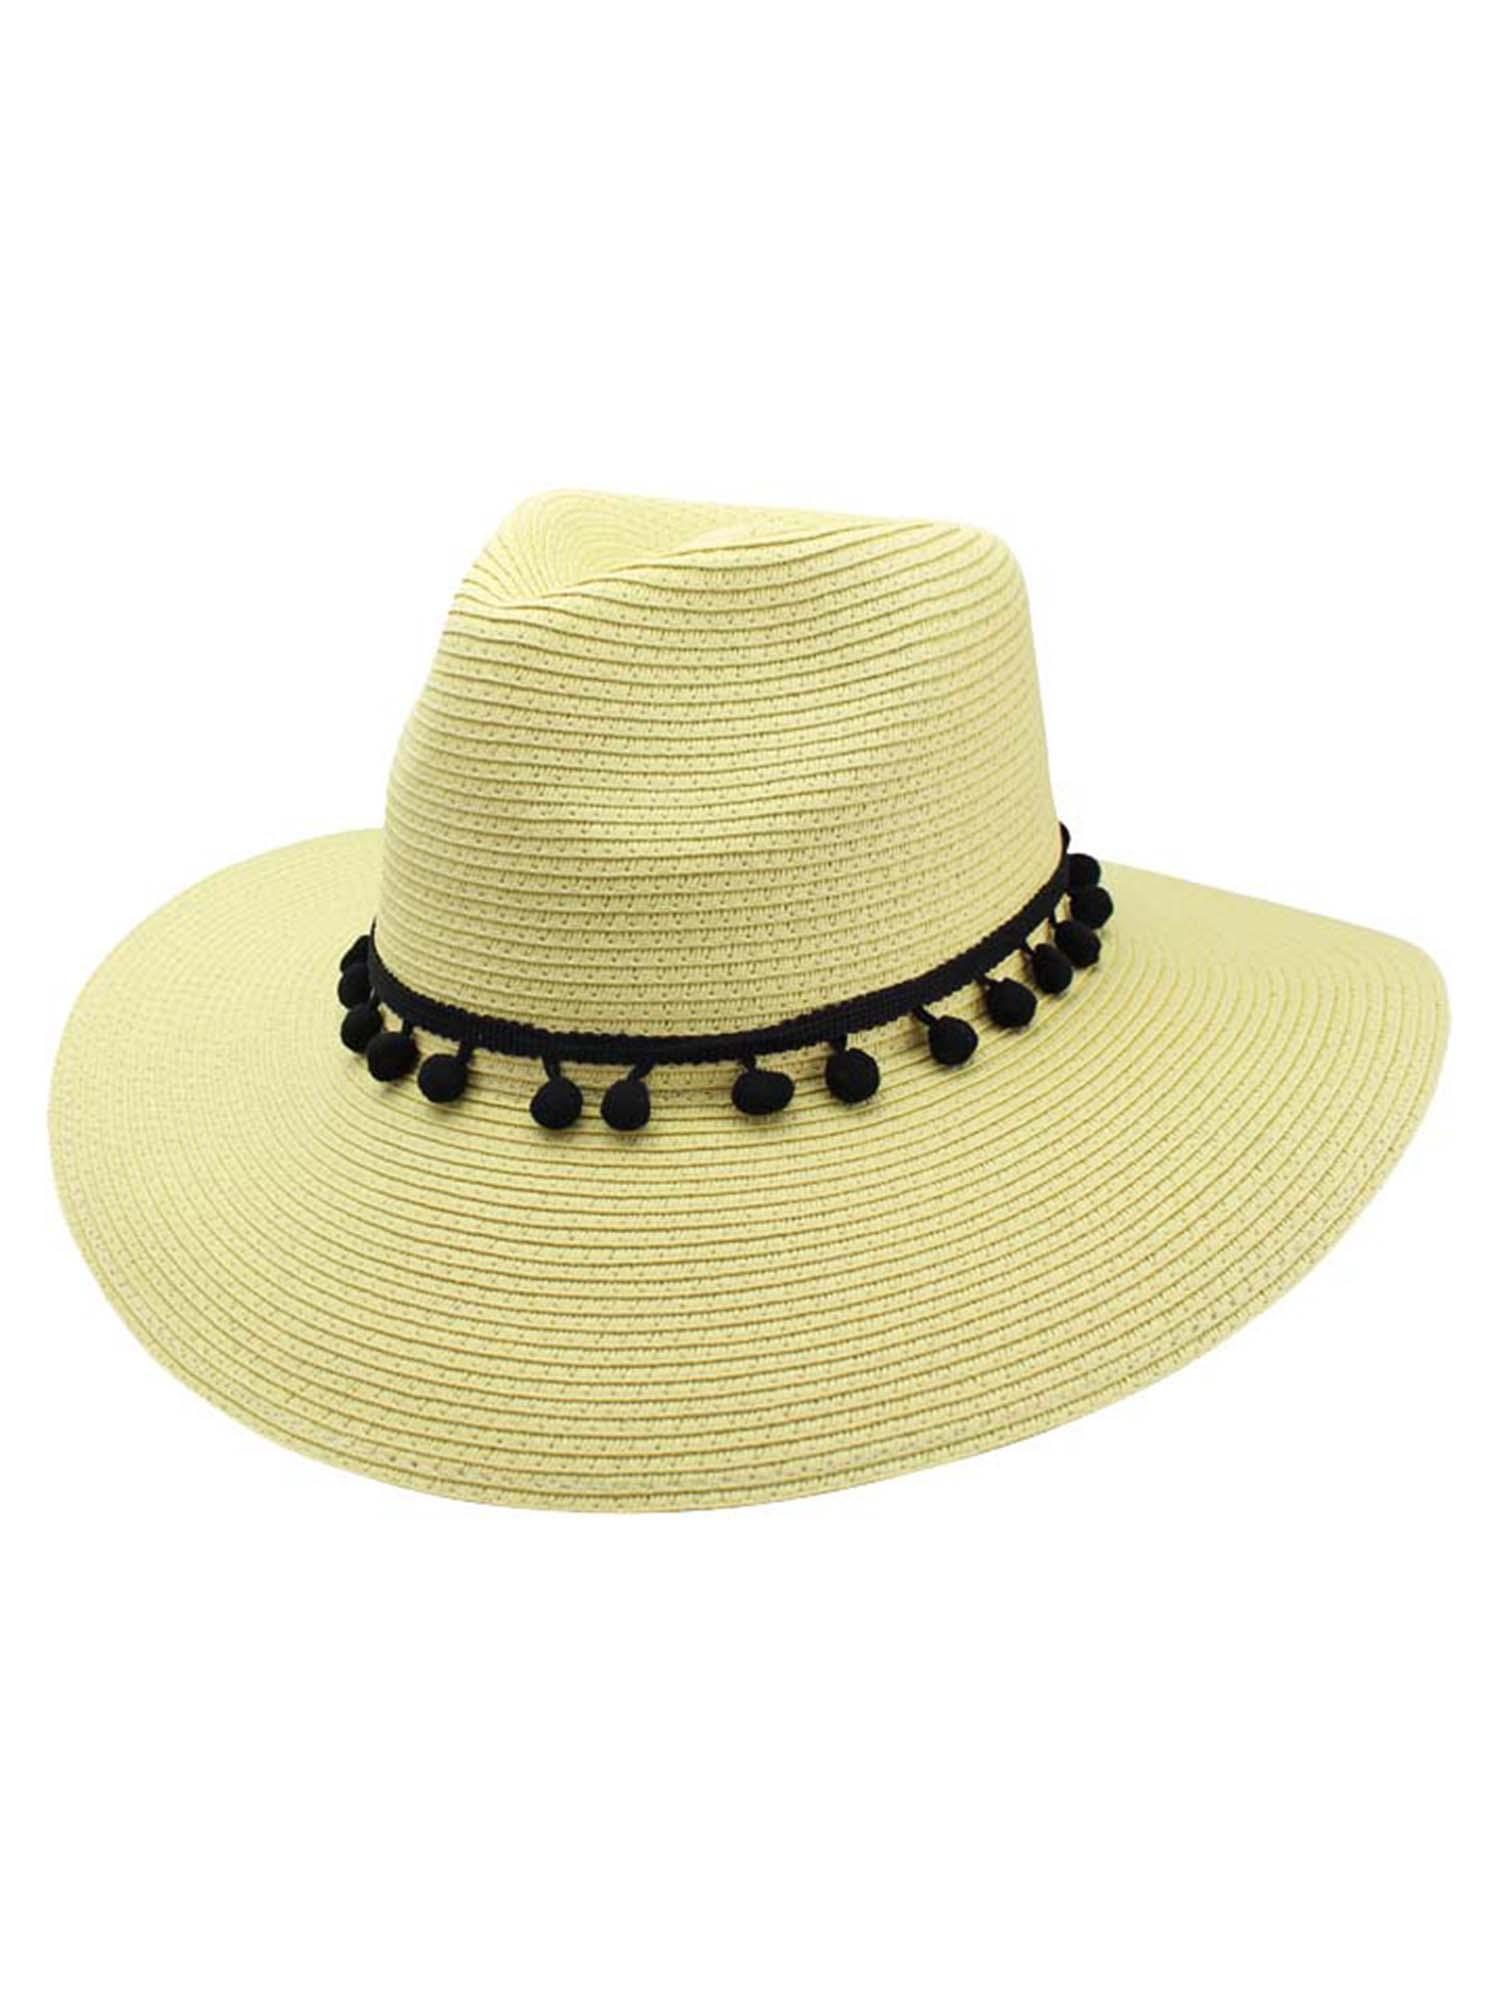 40453566e Details about STRAW PANAMA STYLE SUN HAT WITH POM-POM TRIM